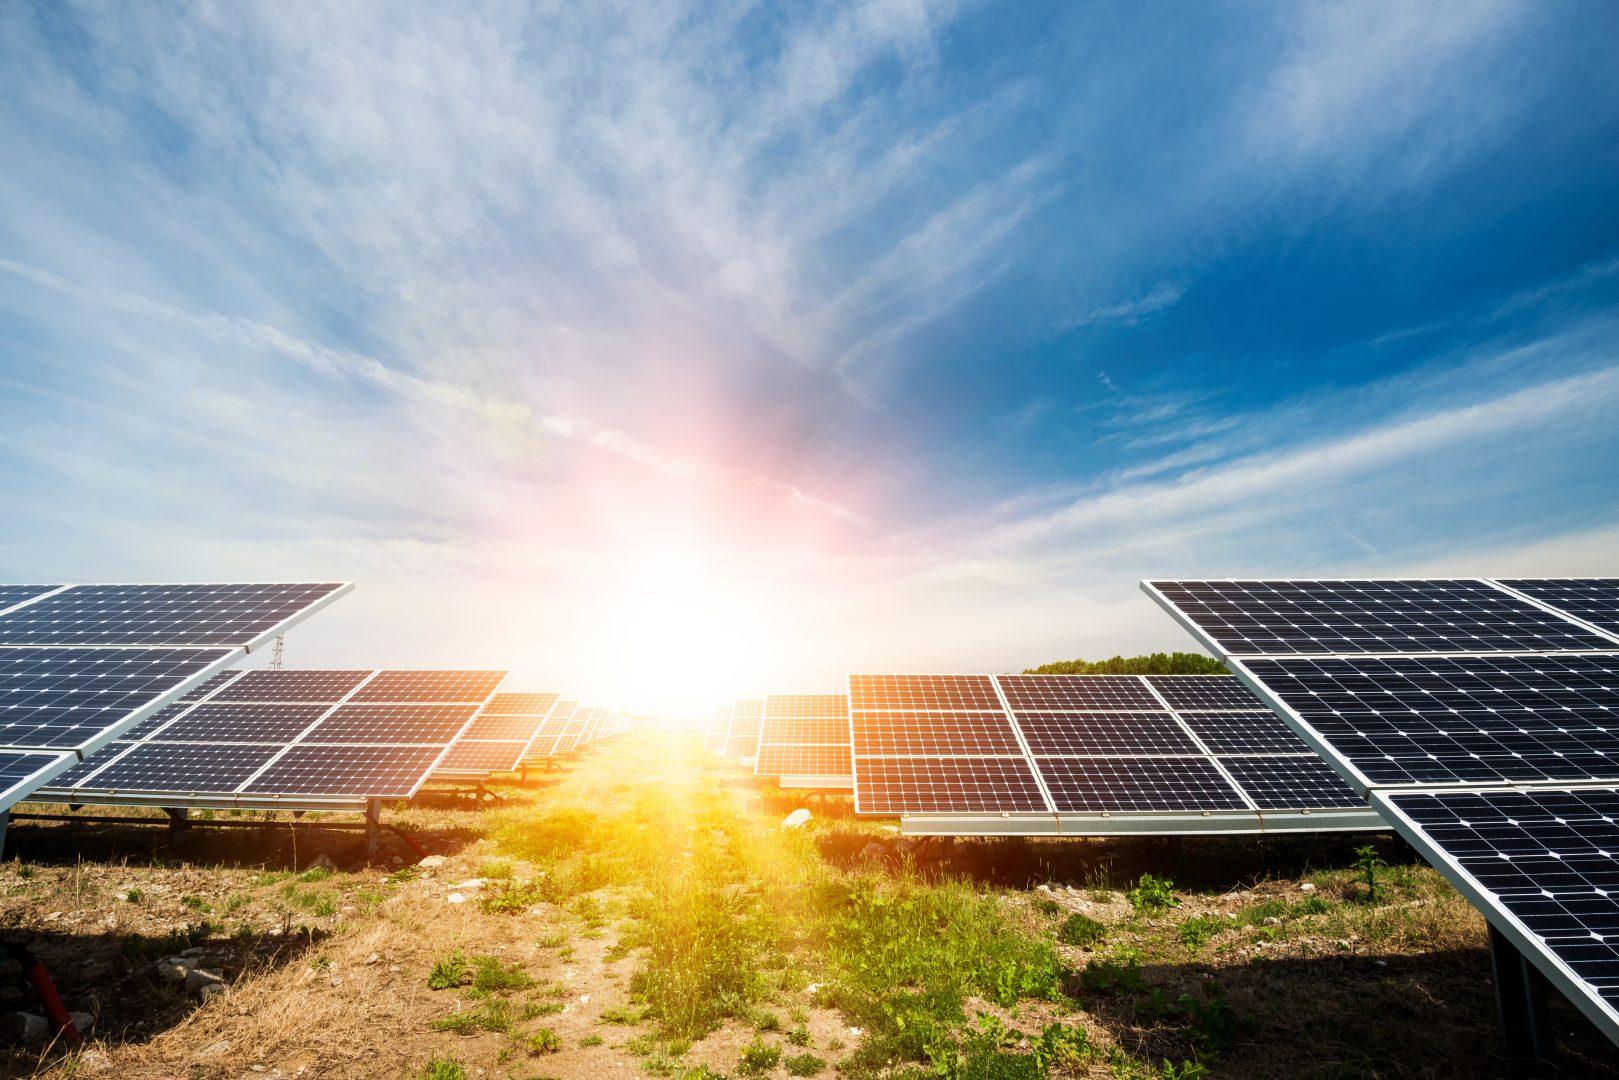 nouveaux appels d'offres pour 2GW production solaire photovoltaique